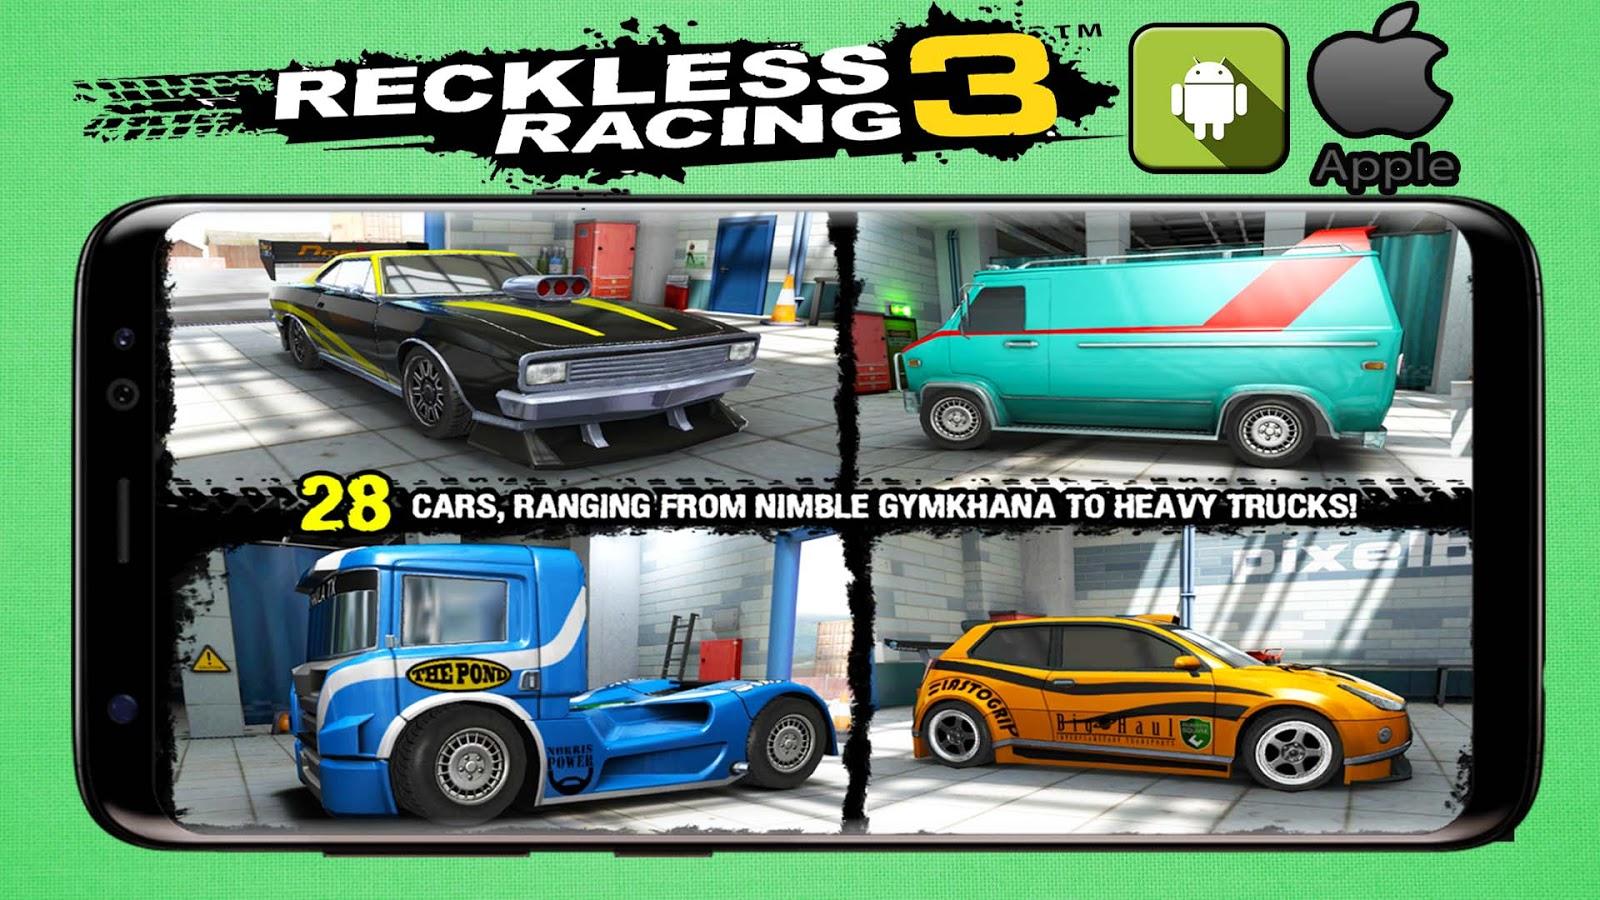 تحميل لعبة reckless race 3 للاندرويد الايفون